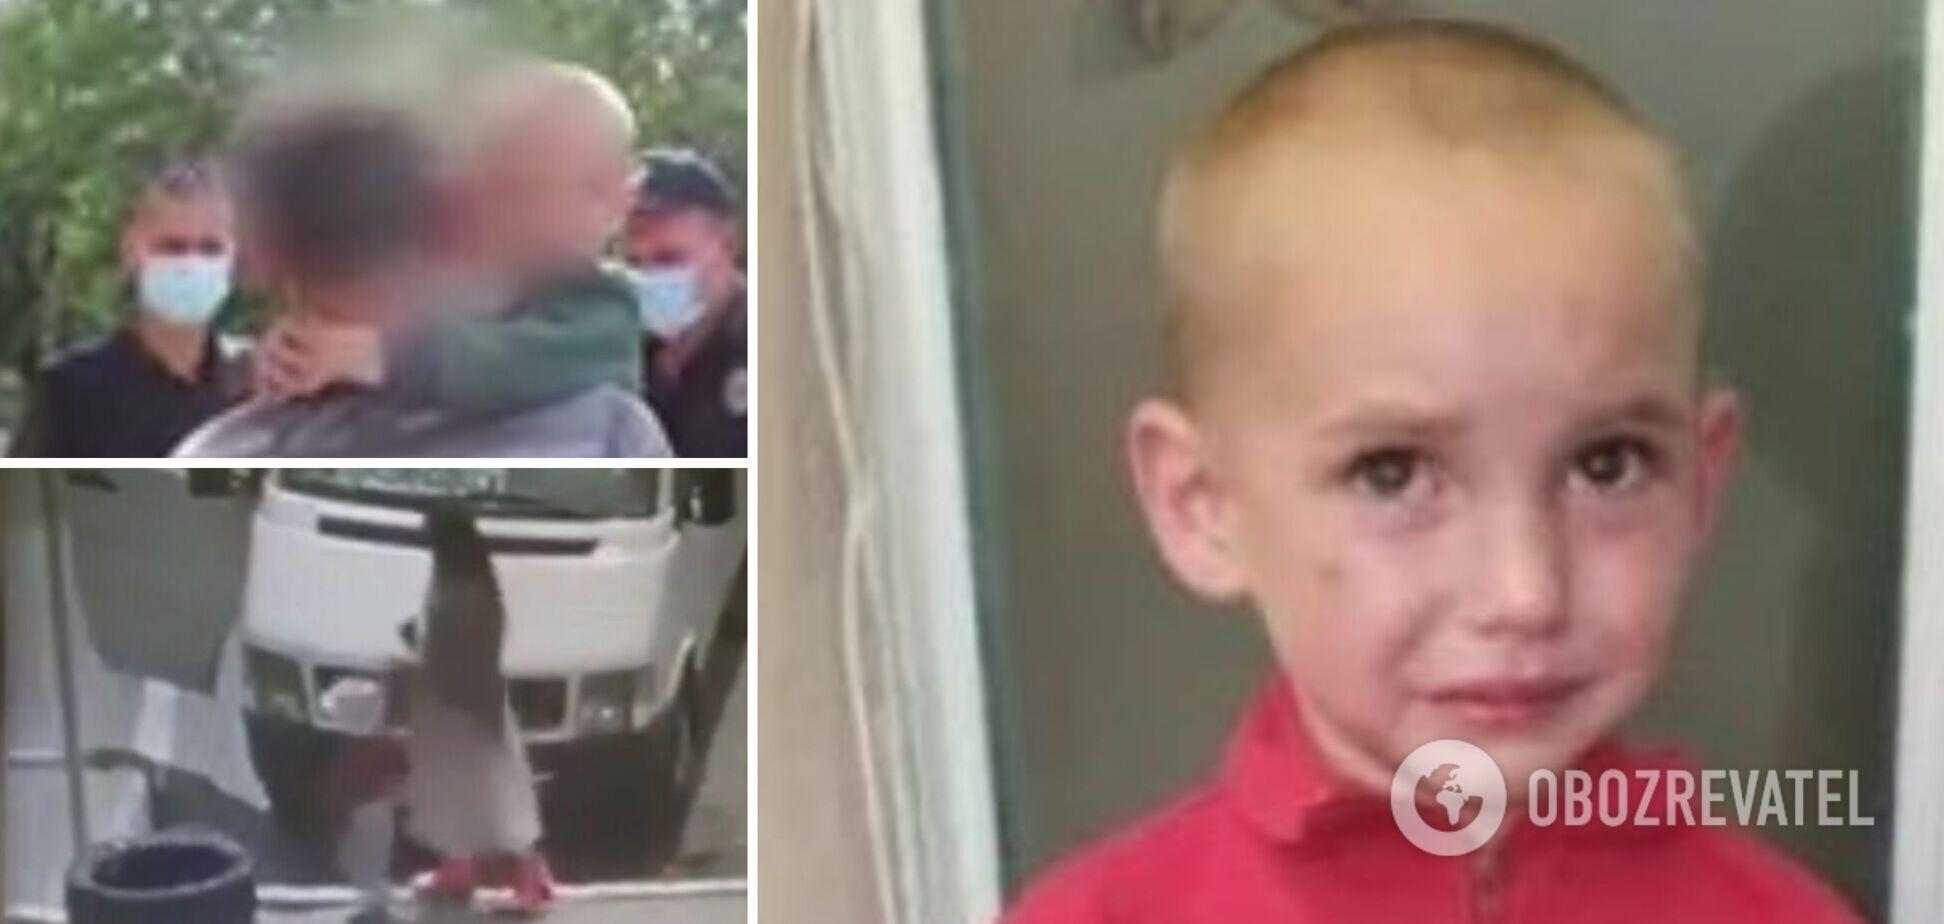 Мачеха вывезла 4-летнего малыша за 200 км и бросила на произвол судьбы, пока его отец воюет на Донбассе. Фото и видео